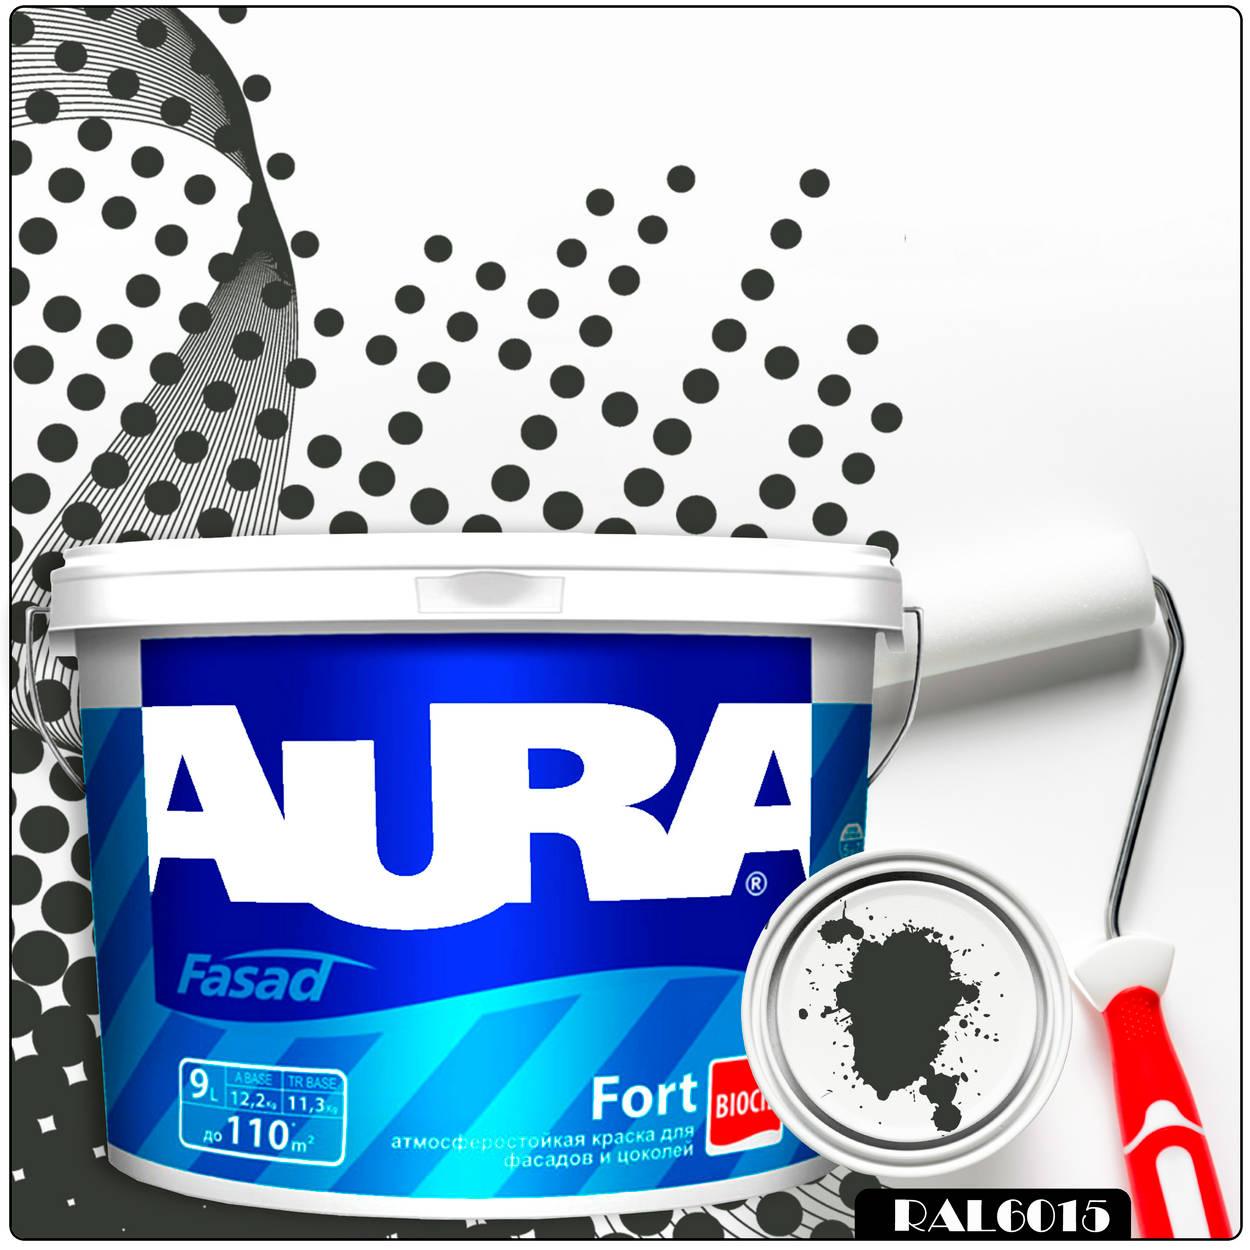 Фото 16 - Краска Aura Fasad Fort, RAL 6015 Чёрно-оливковый, латексная, матовая, для фасада и цоколей, 9л, Аура.